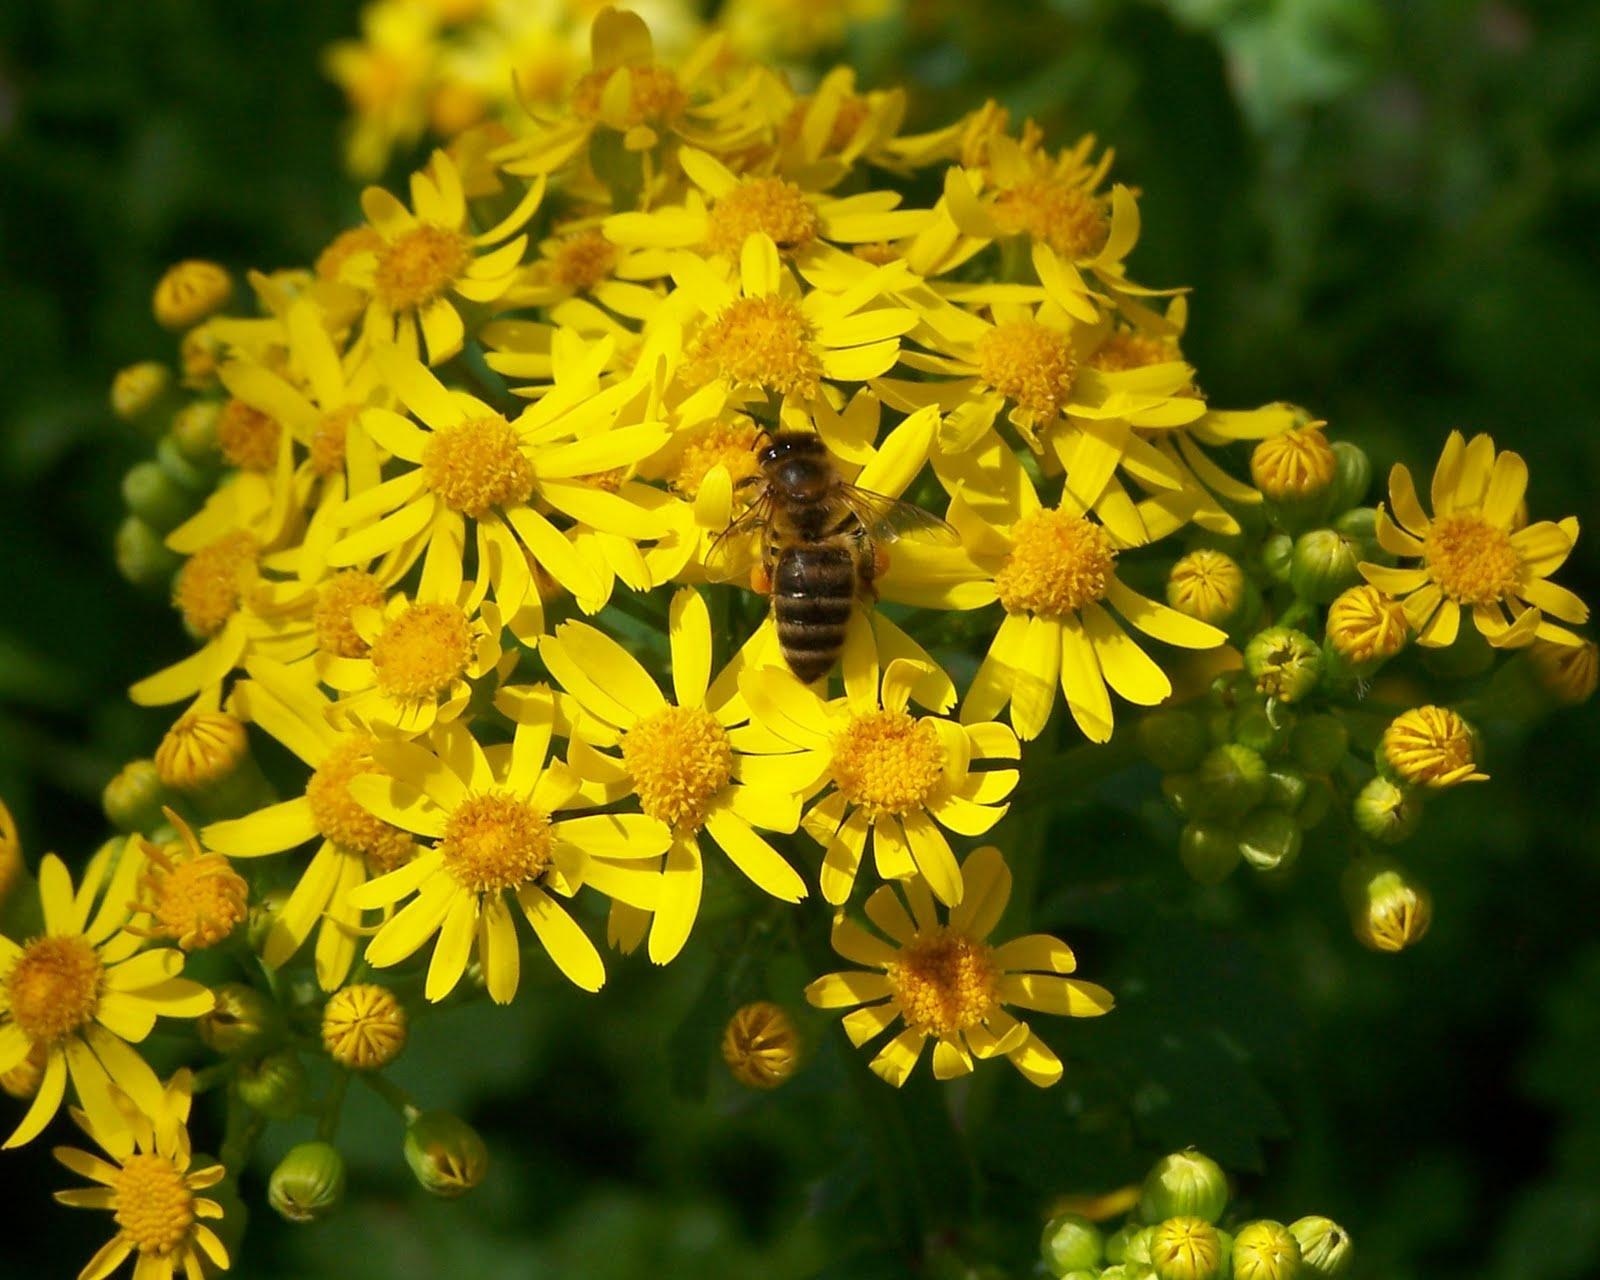 bee-conference-honey-med-pcheli-pchelari-pchelarstvo